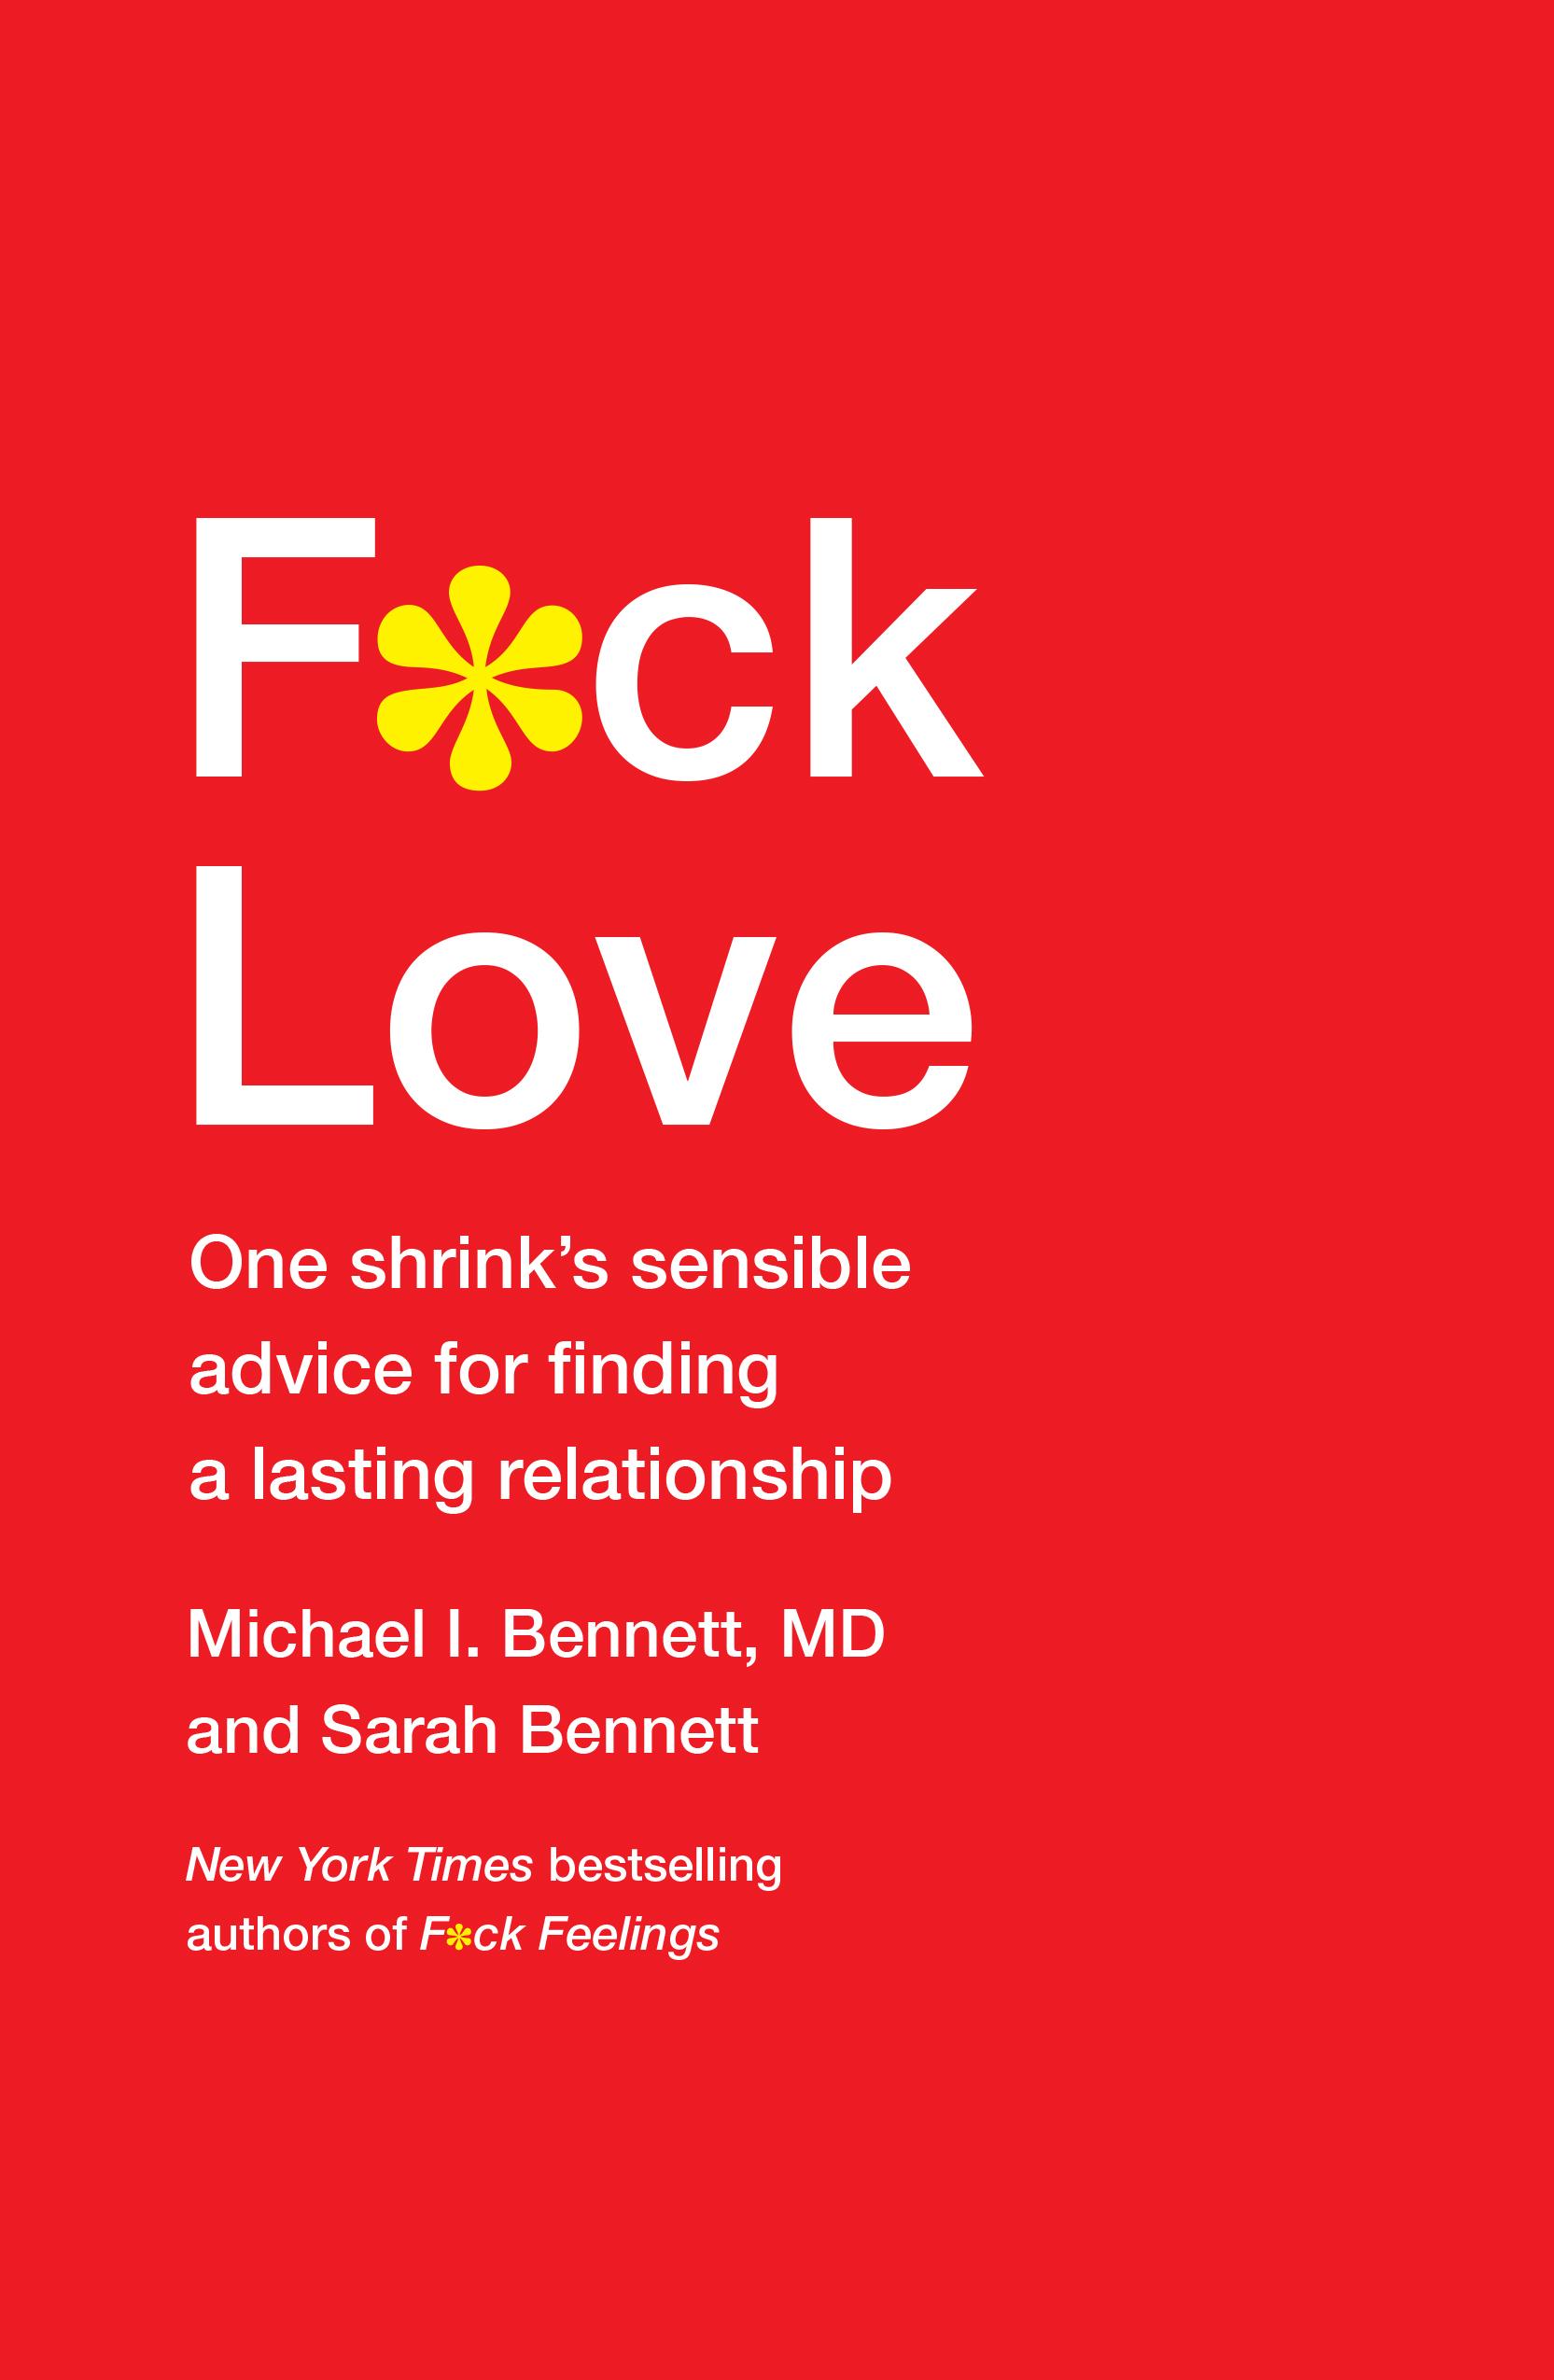 Book Launch: F*CK LOVE by Michael Bennett, MD and Sarah Bennett